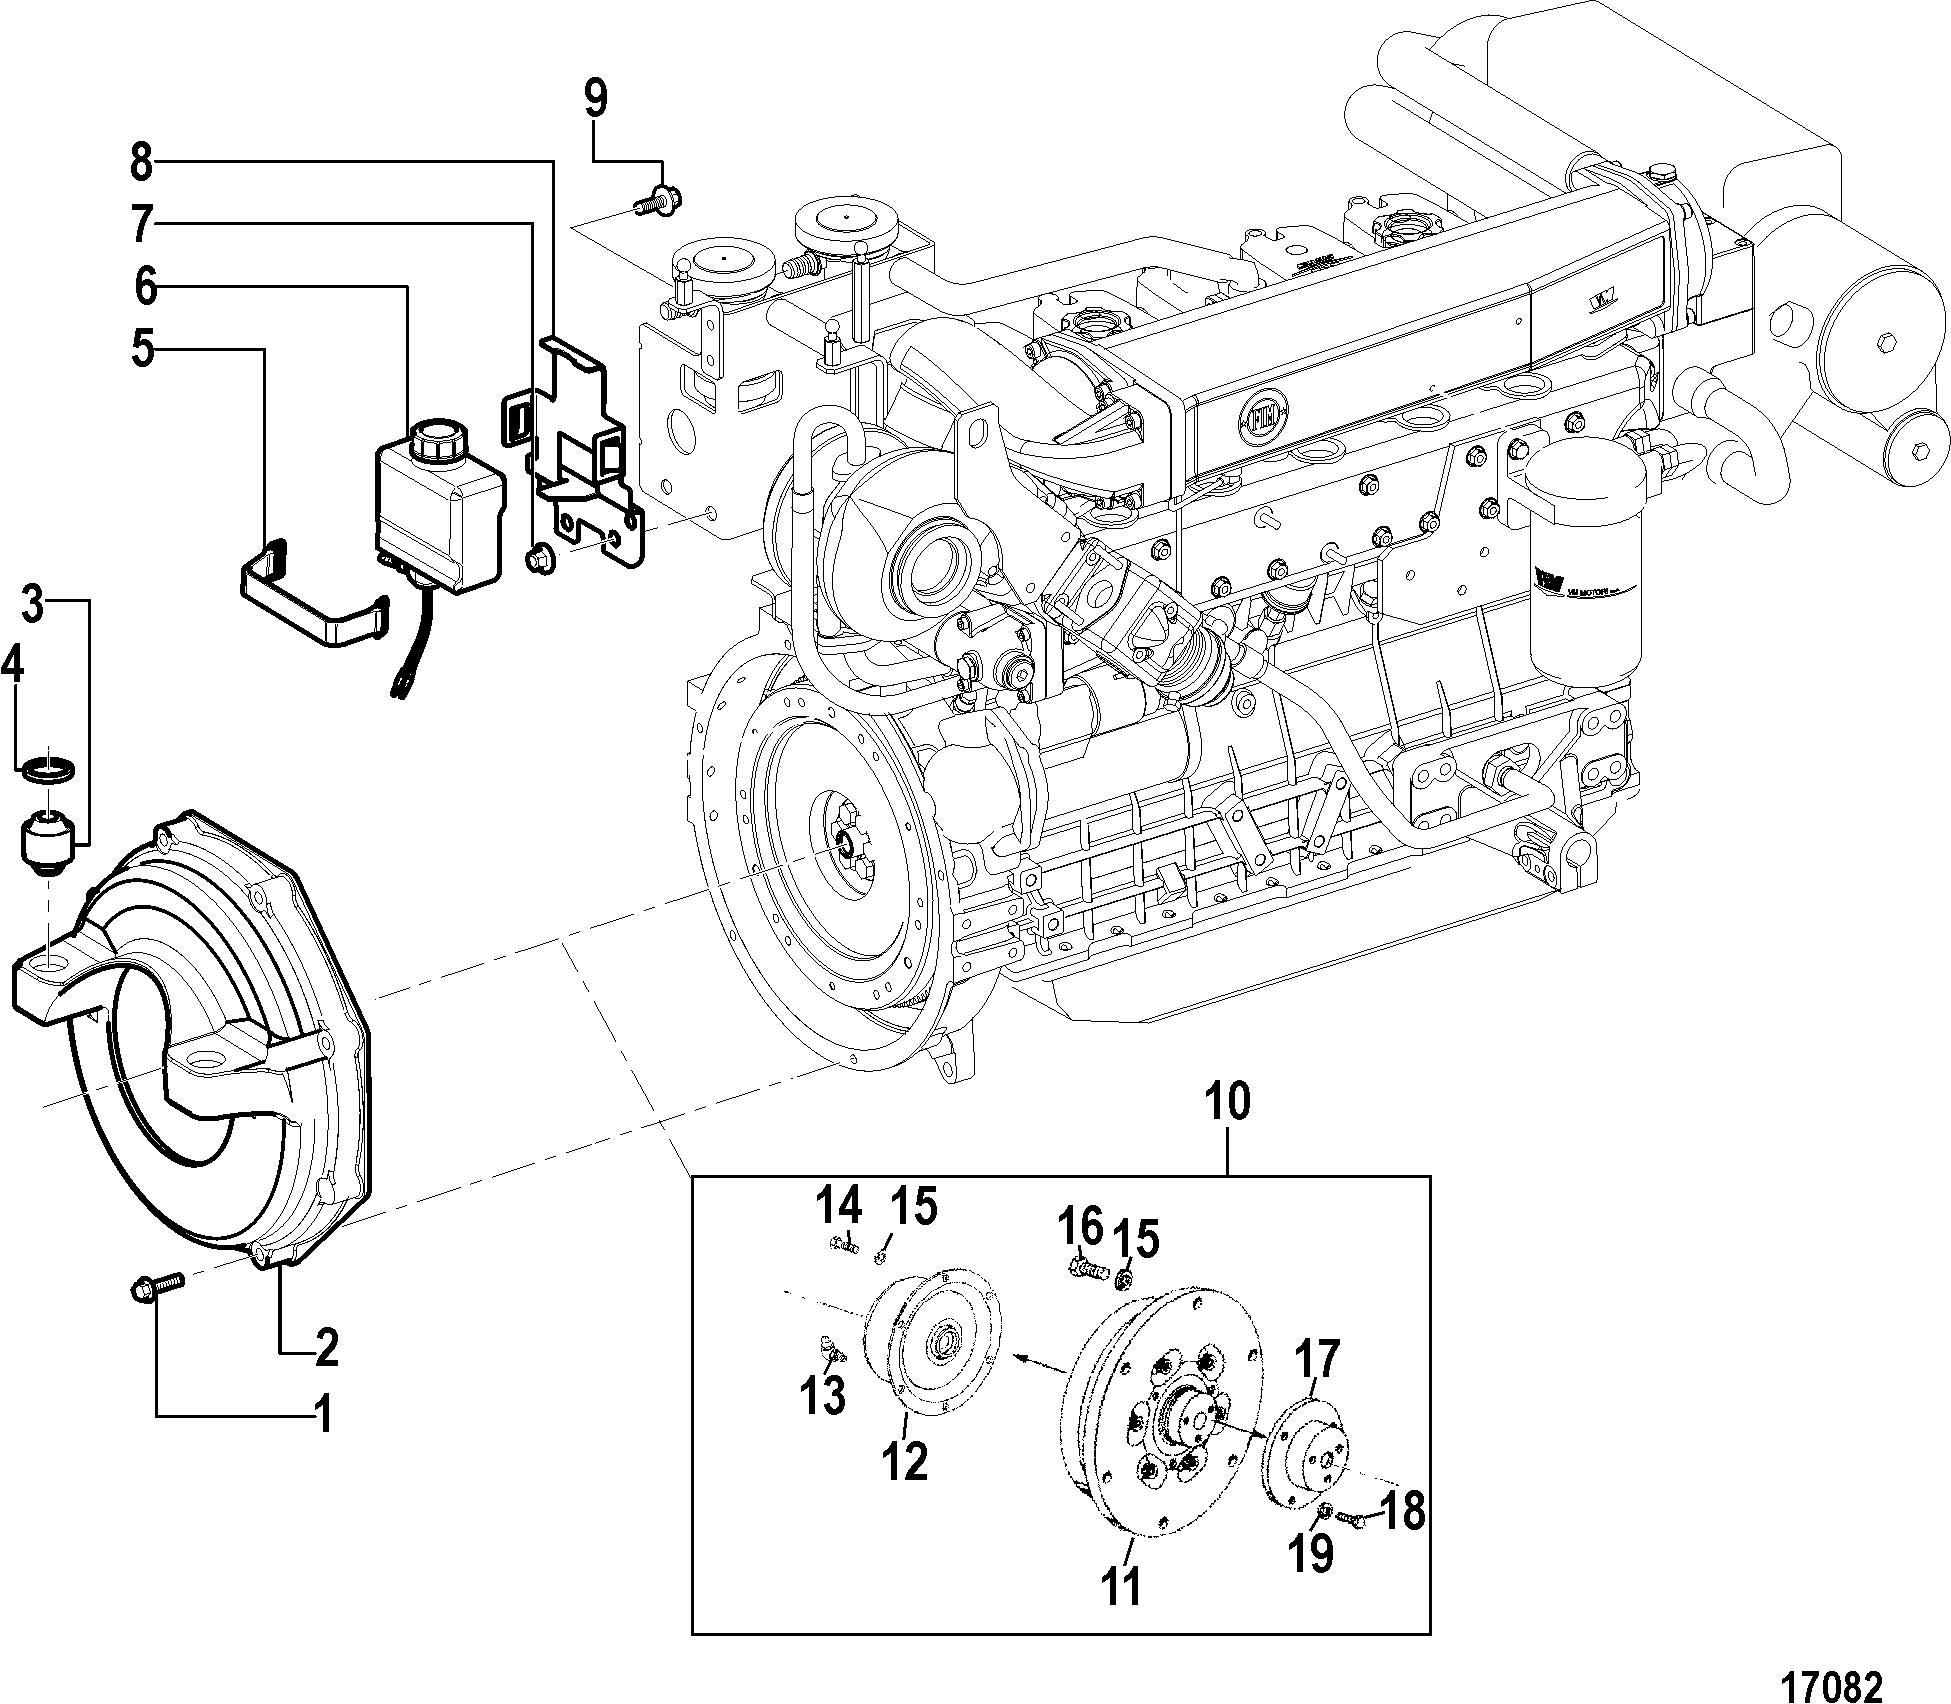 1996 350 vortec chevy truck engine belt diagram html